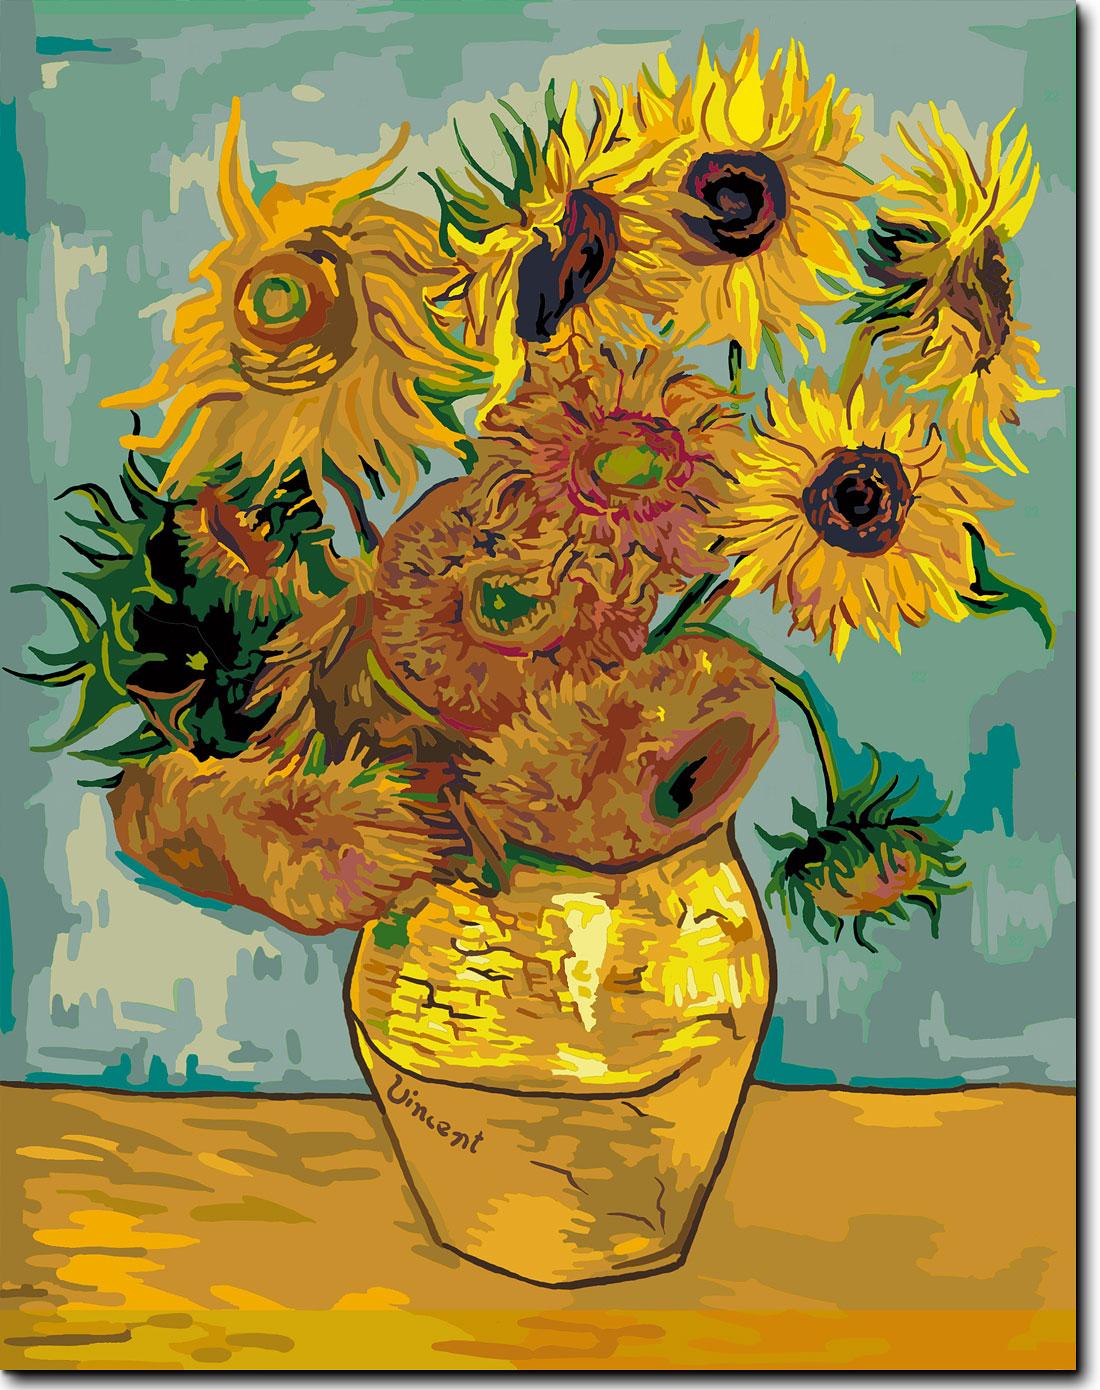 素描向日葵的画法正面 素描正面鼻子的画法 向日葵画法图片